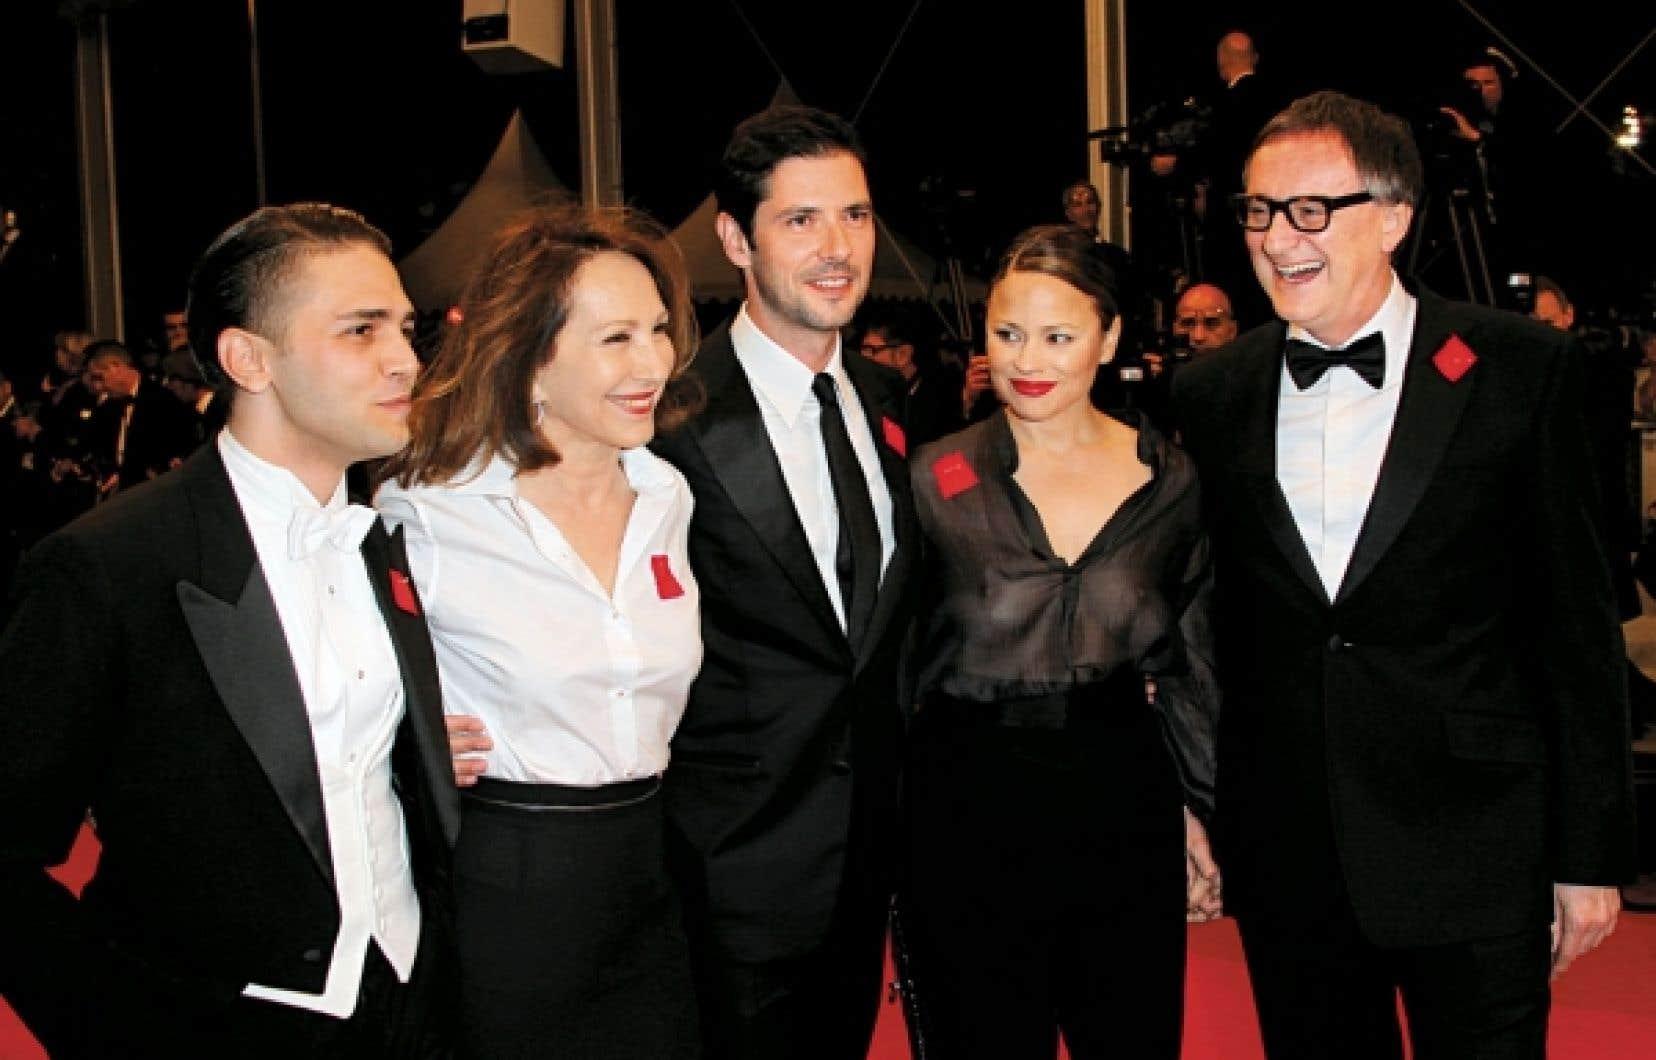 Le cinéaste Xavier Dolan accompagné des acteurs principaux du film Laurence Anyways, Nathalie Baye, Melvil Poupaud, Suzanne Clément et Yves Jacques, arboraient le carré rouge, hier, sur le tapis rouge cannois.